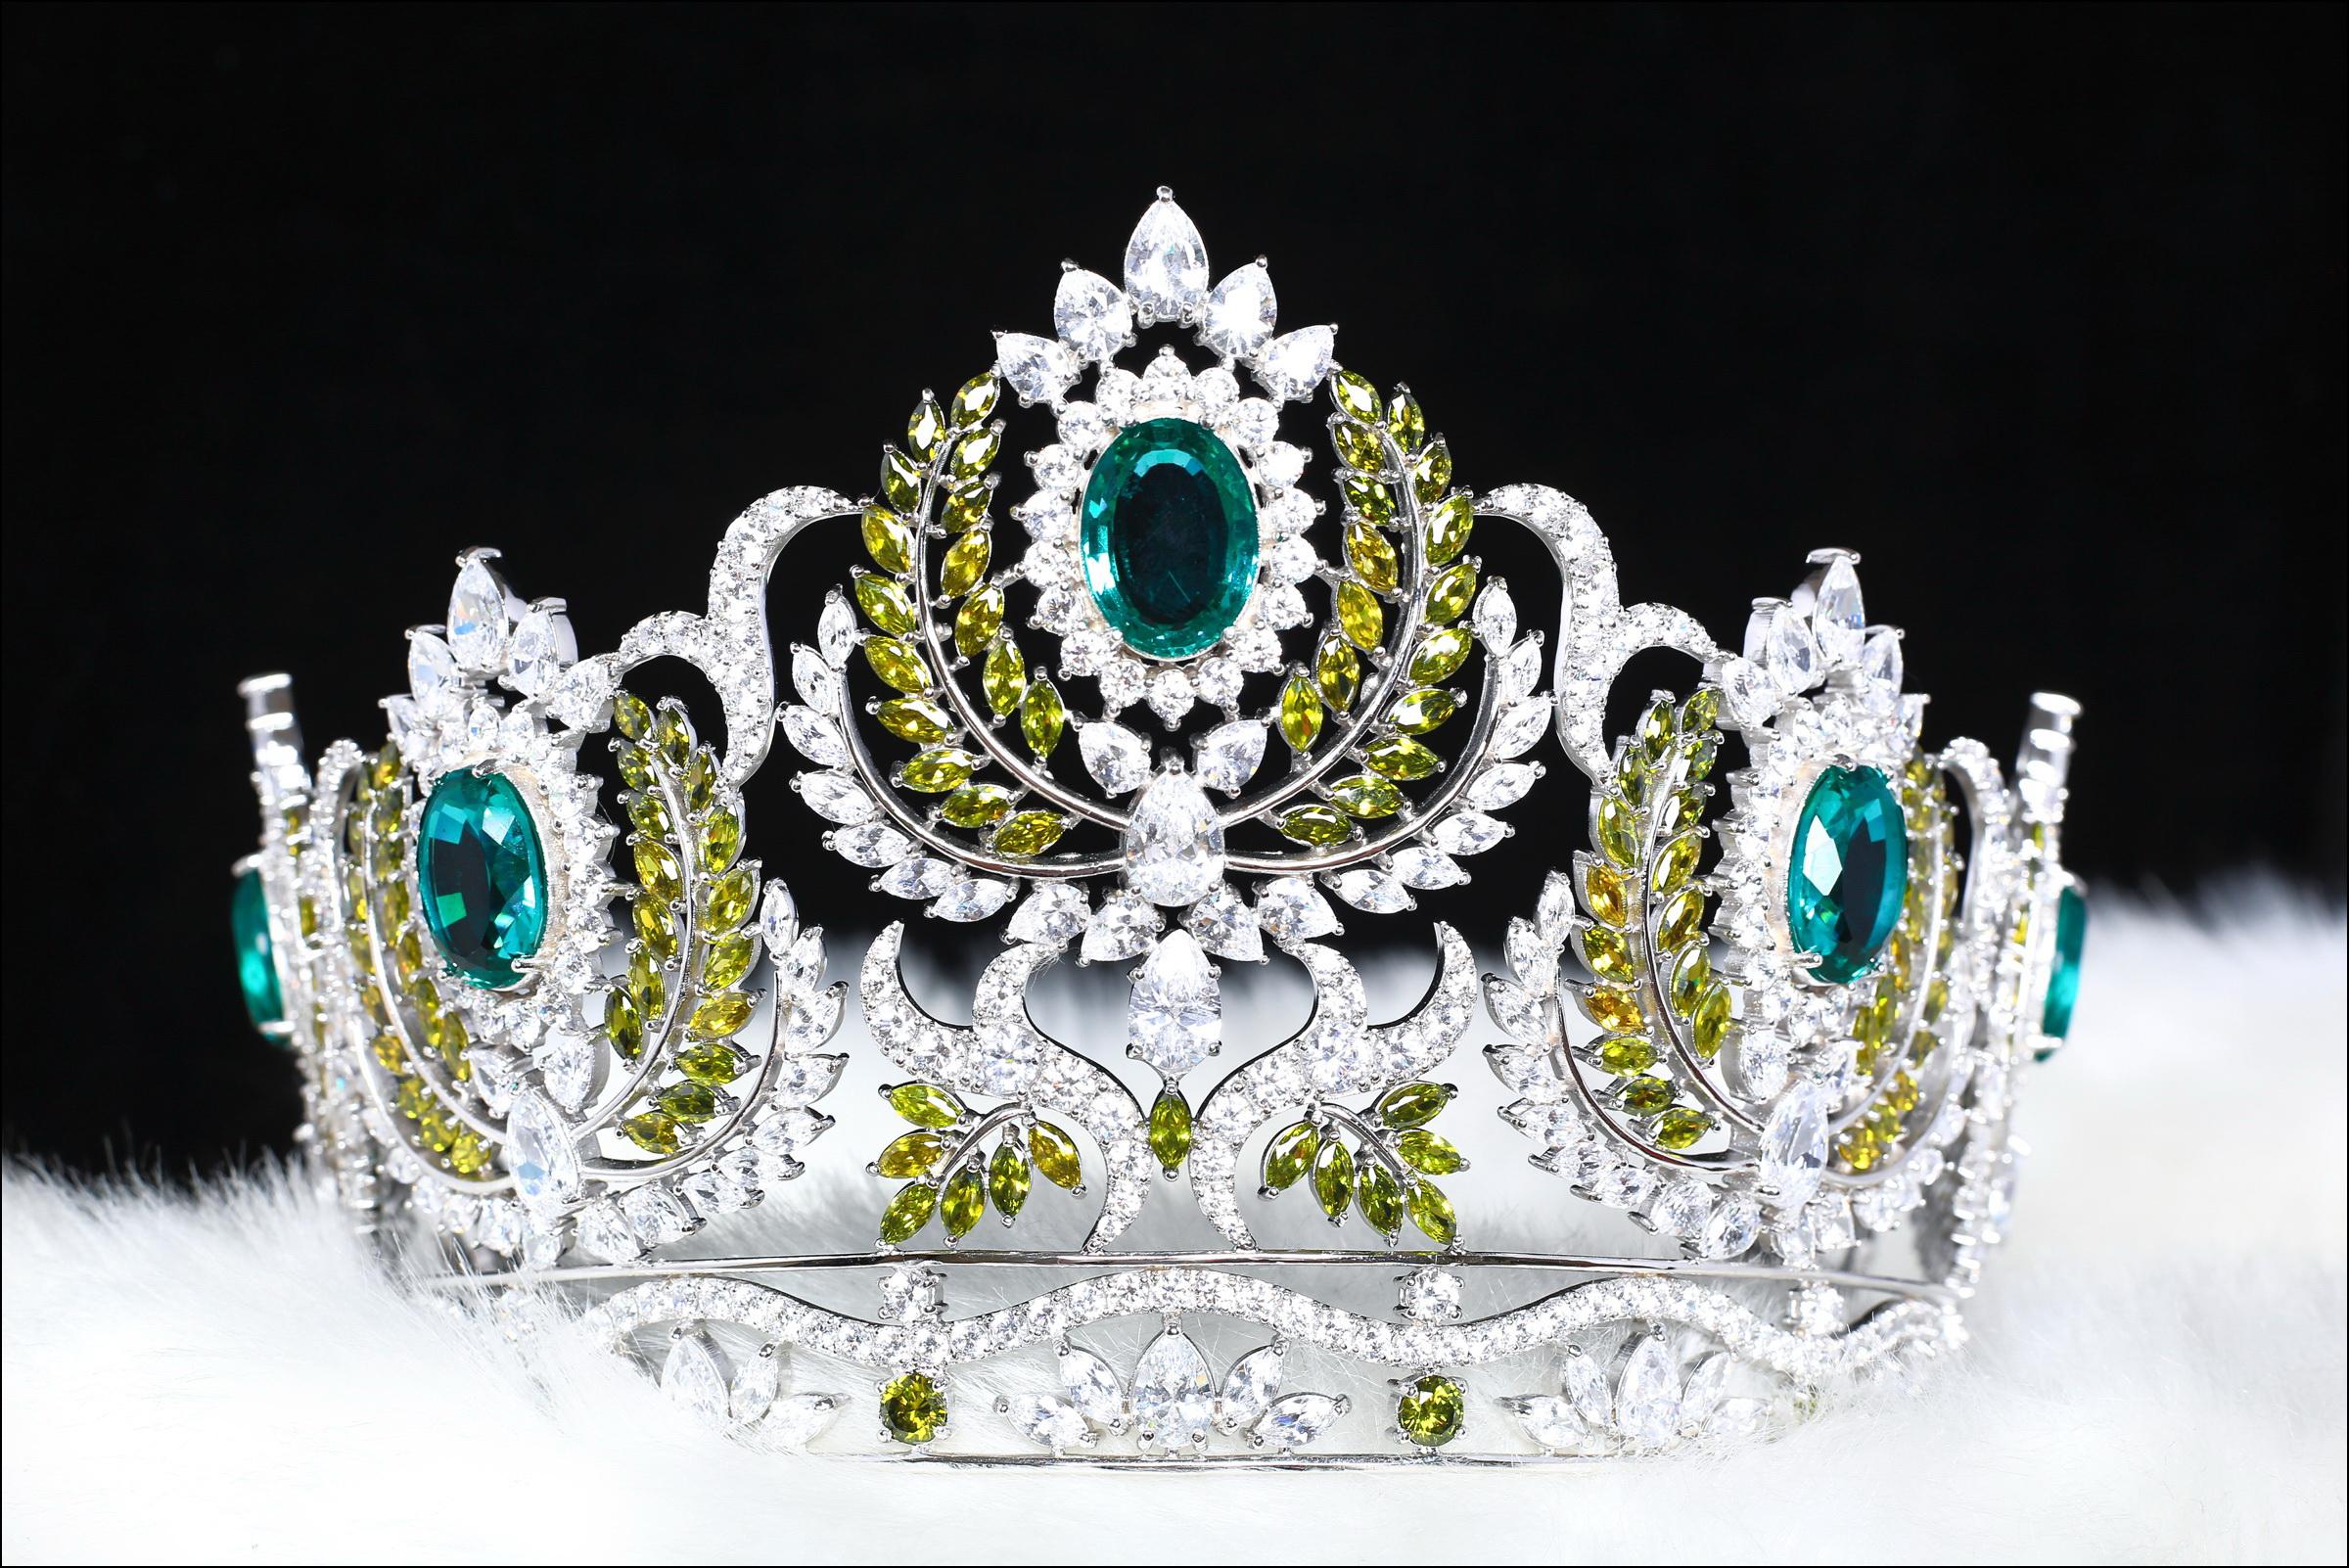 Vương miện Miss Earth Việt Nam nổi bật với 5 viên ngọc bích - Ảnh 1.